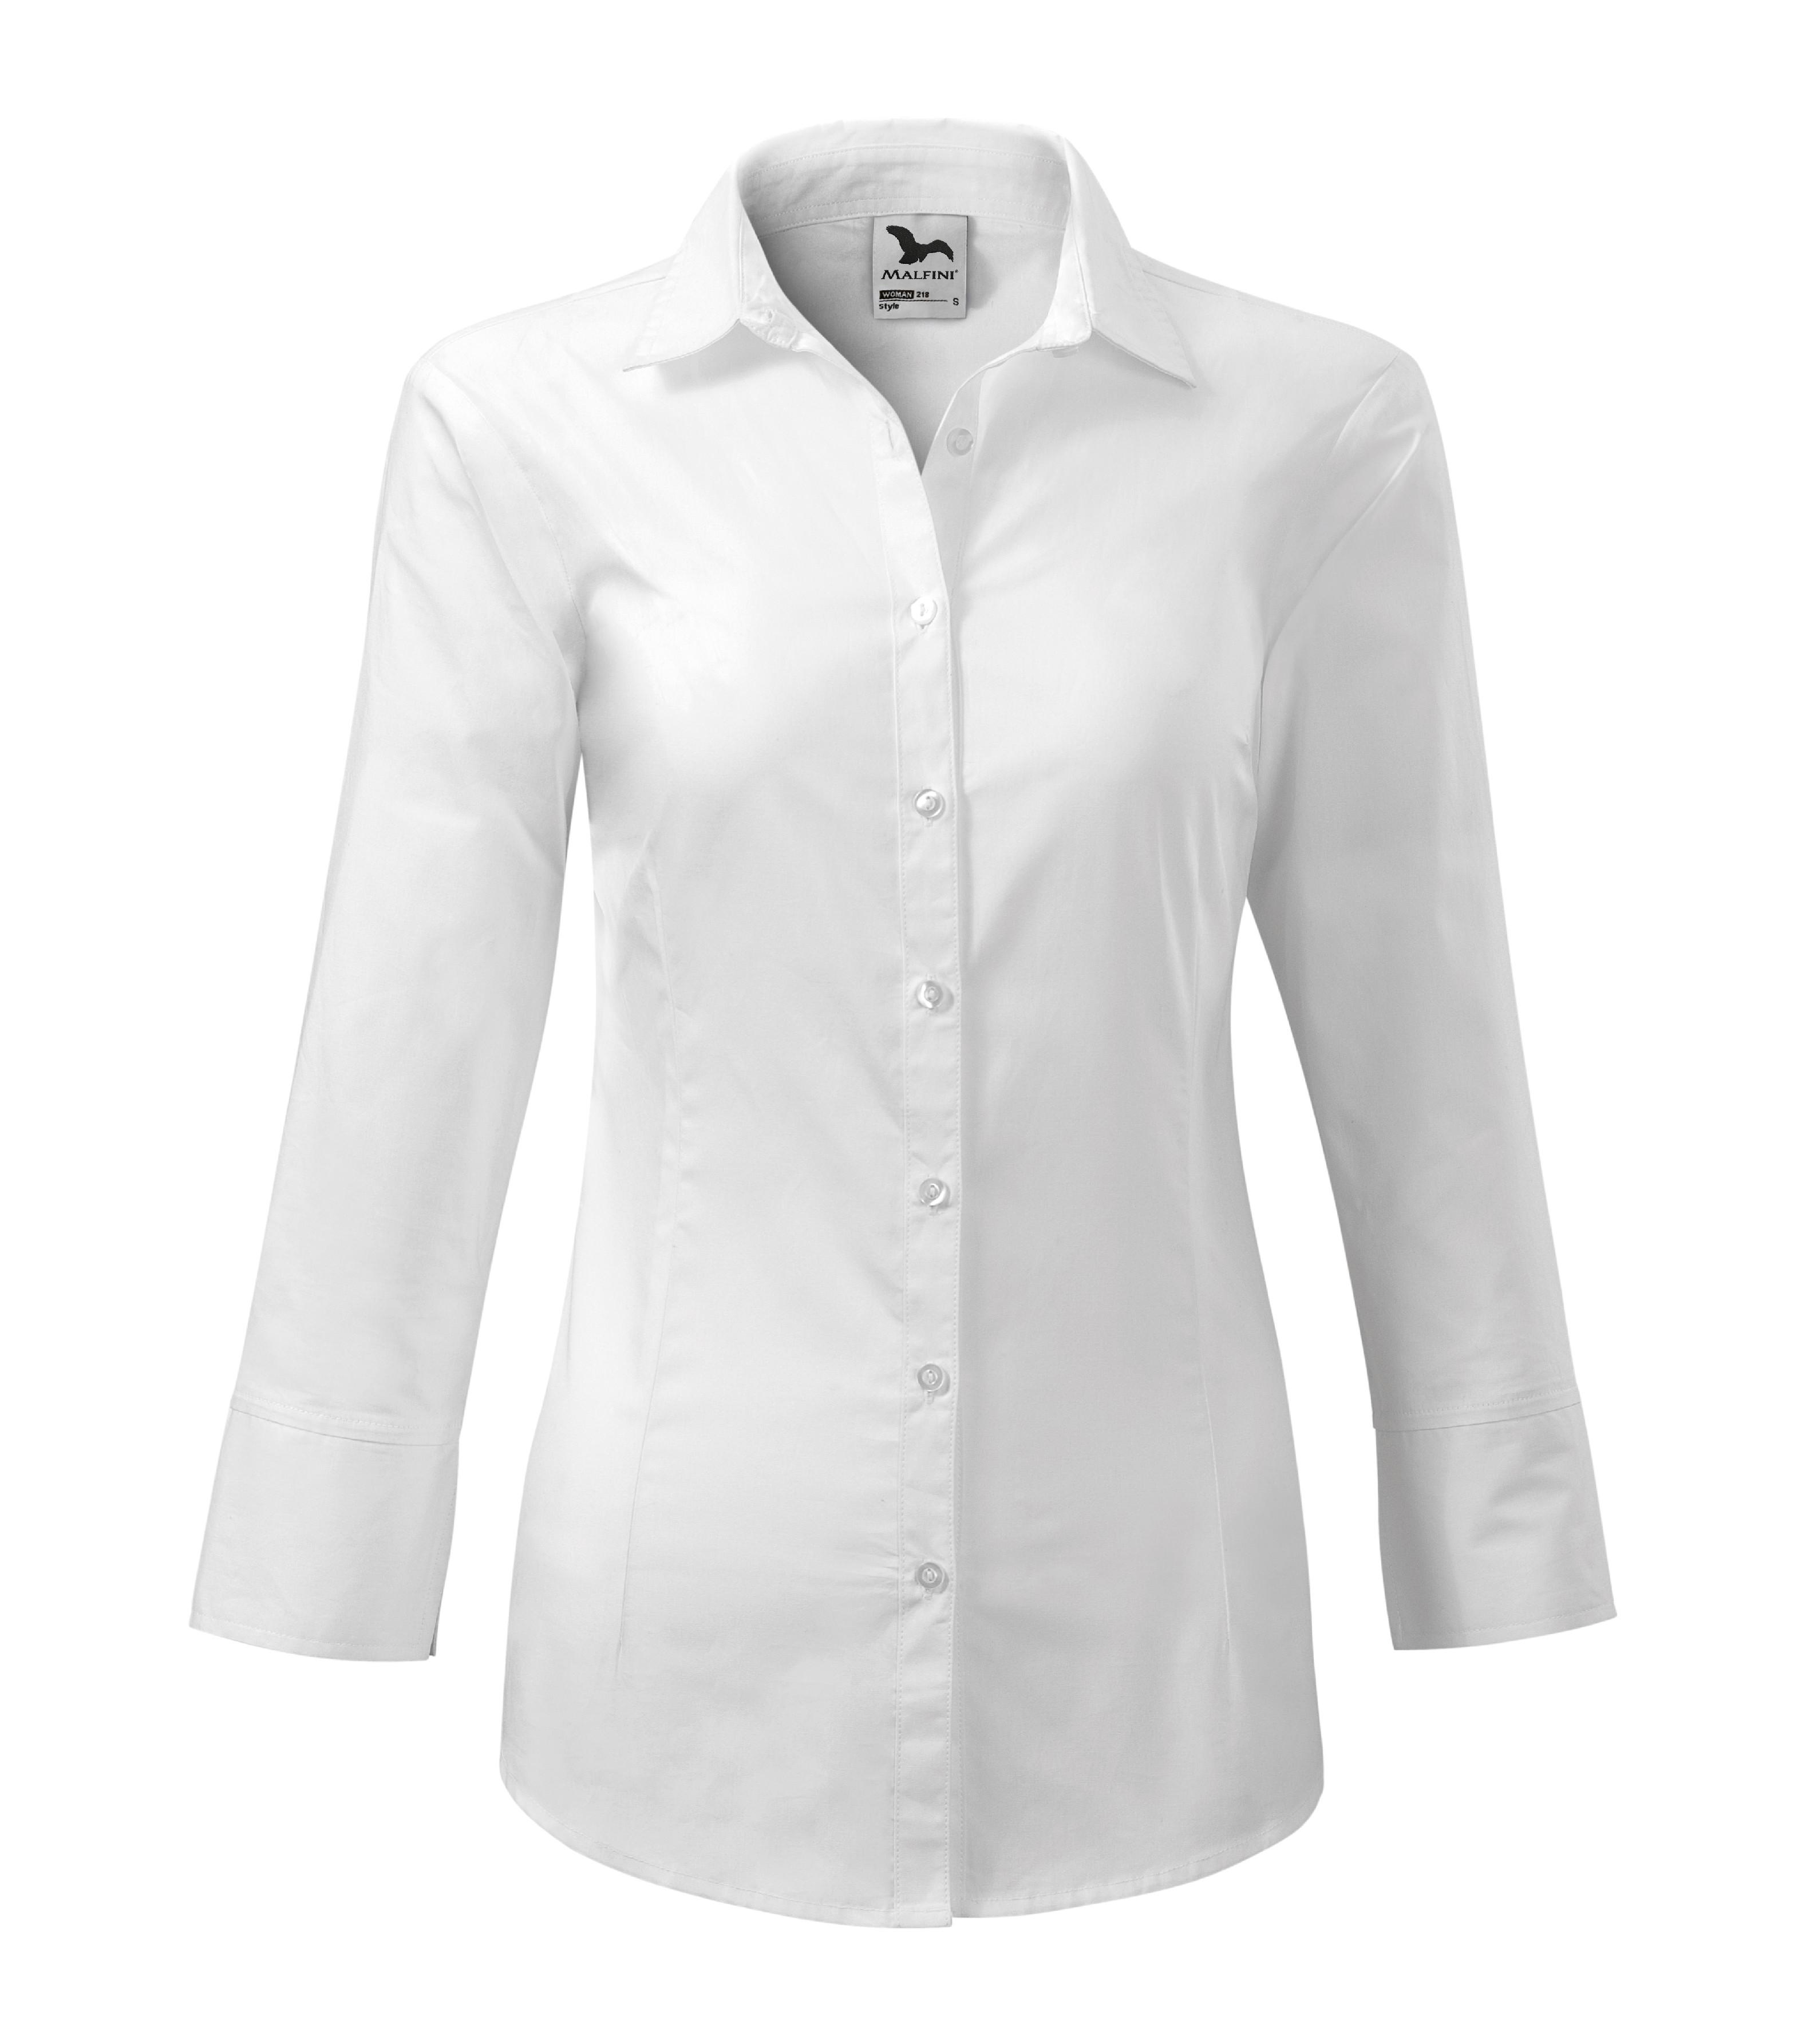 f3d3dbcf64c7 Košile dámská Style Barva  Bílá